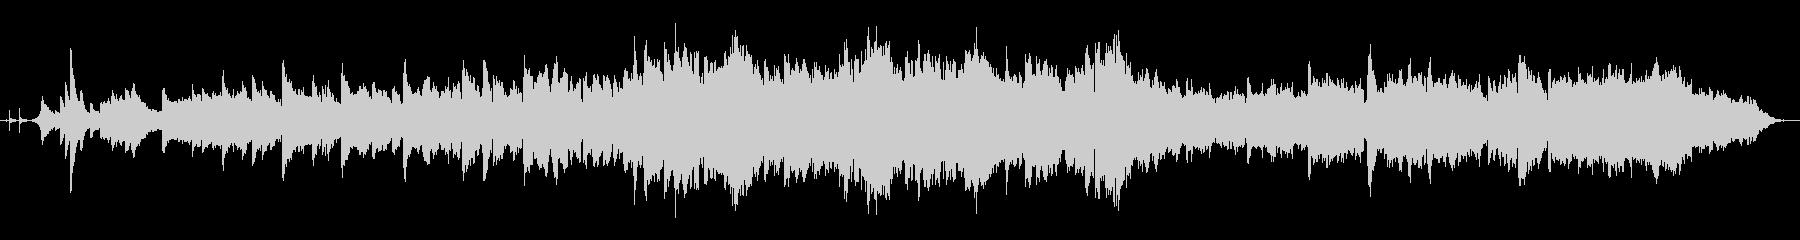 フルートとピアノの幻想的な風景BGMの未再生の波形